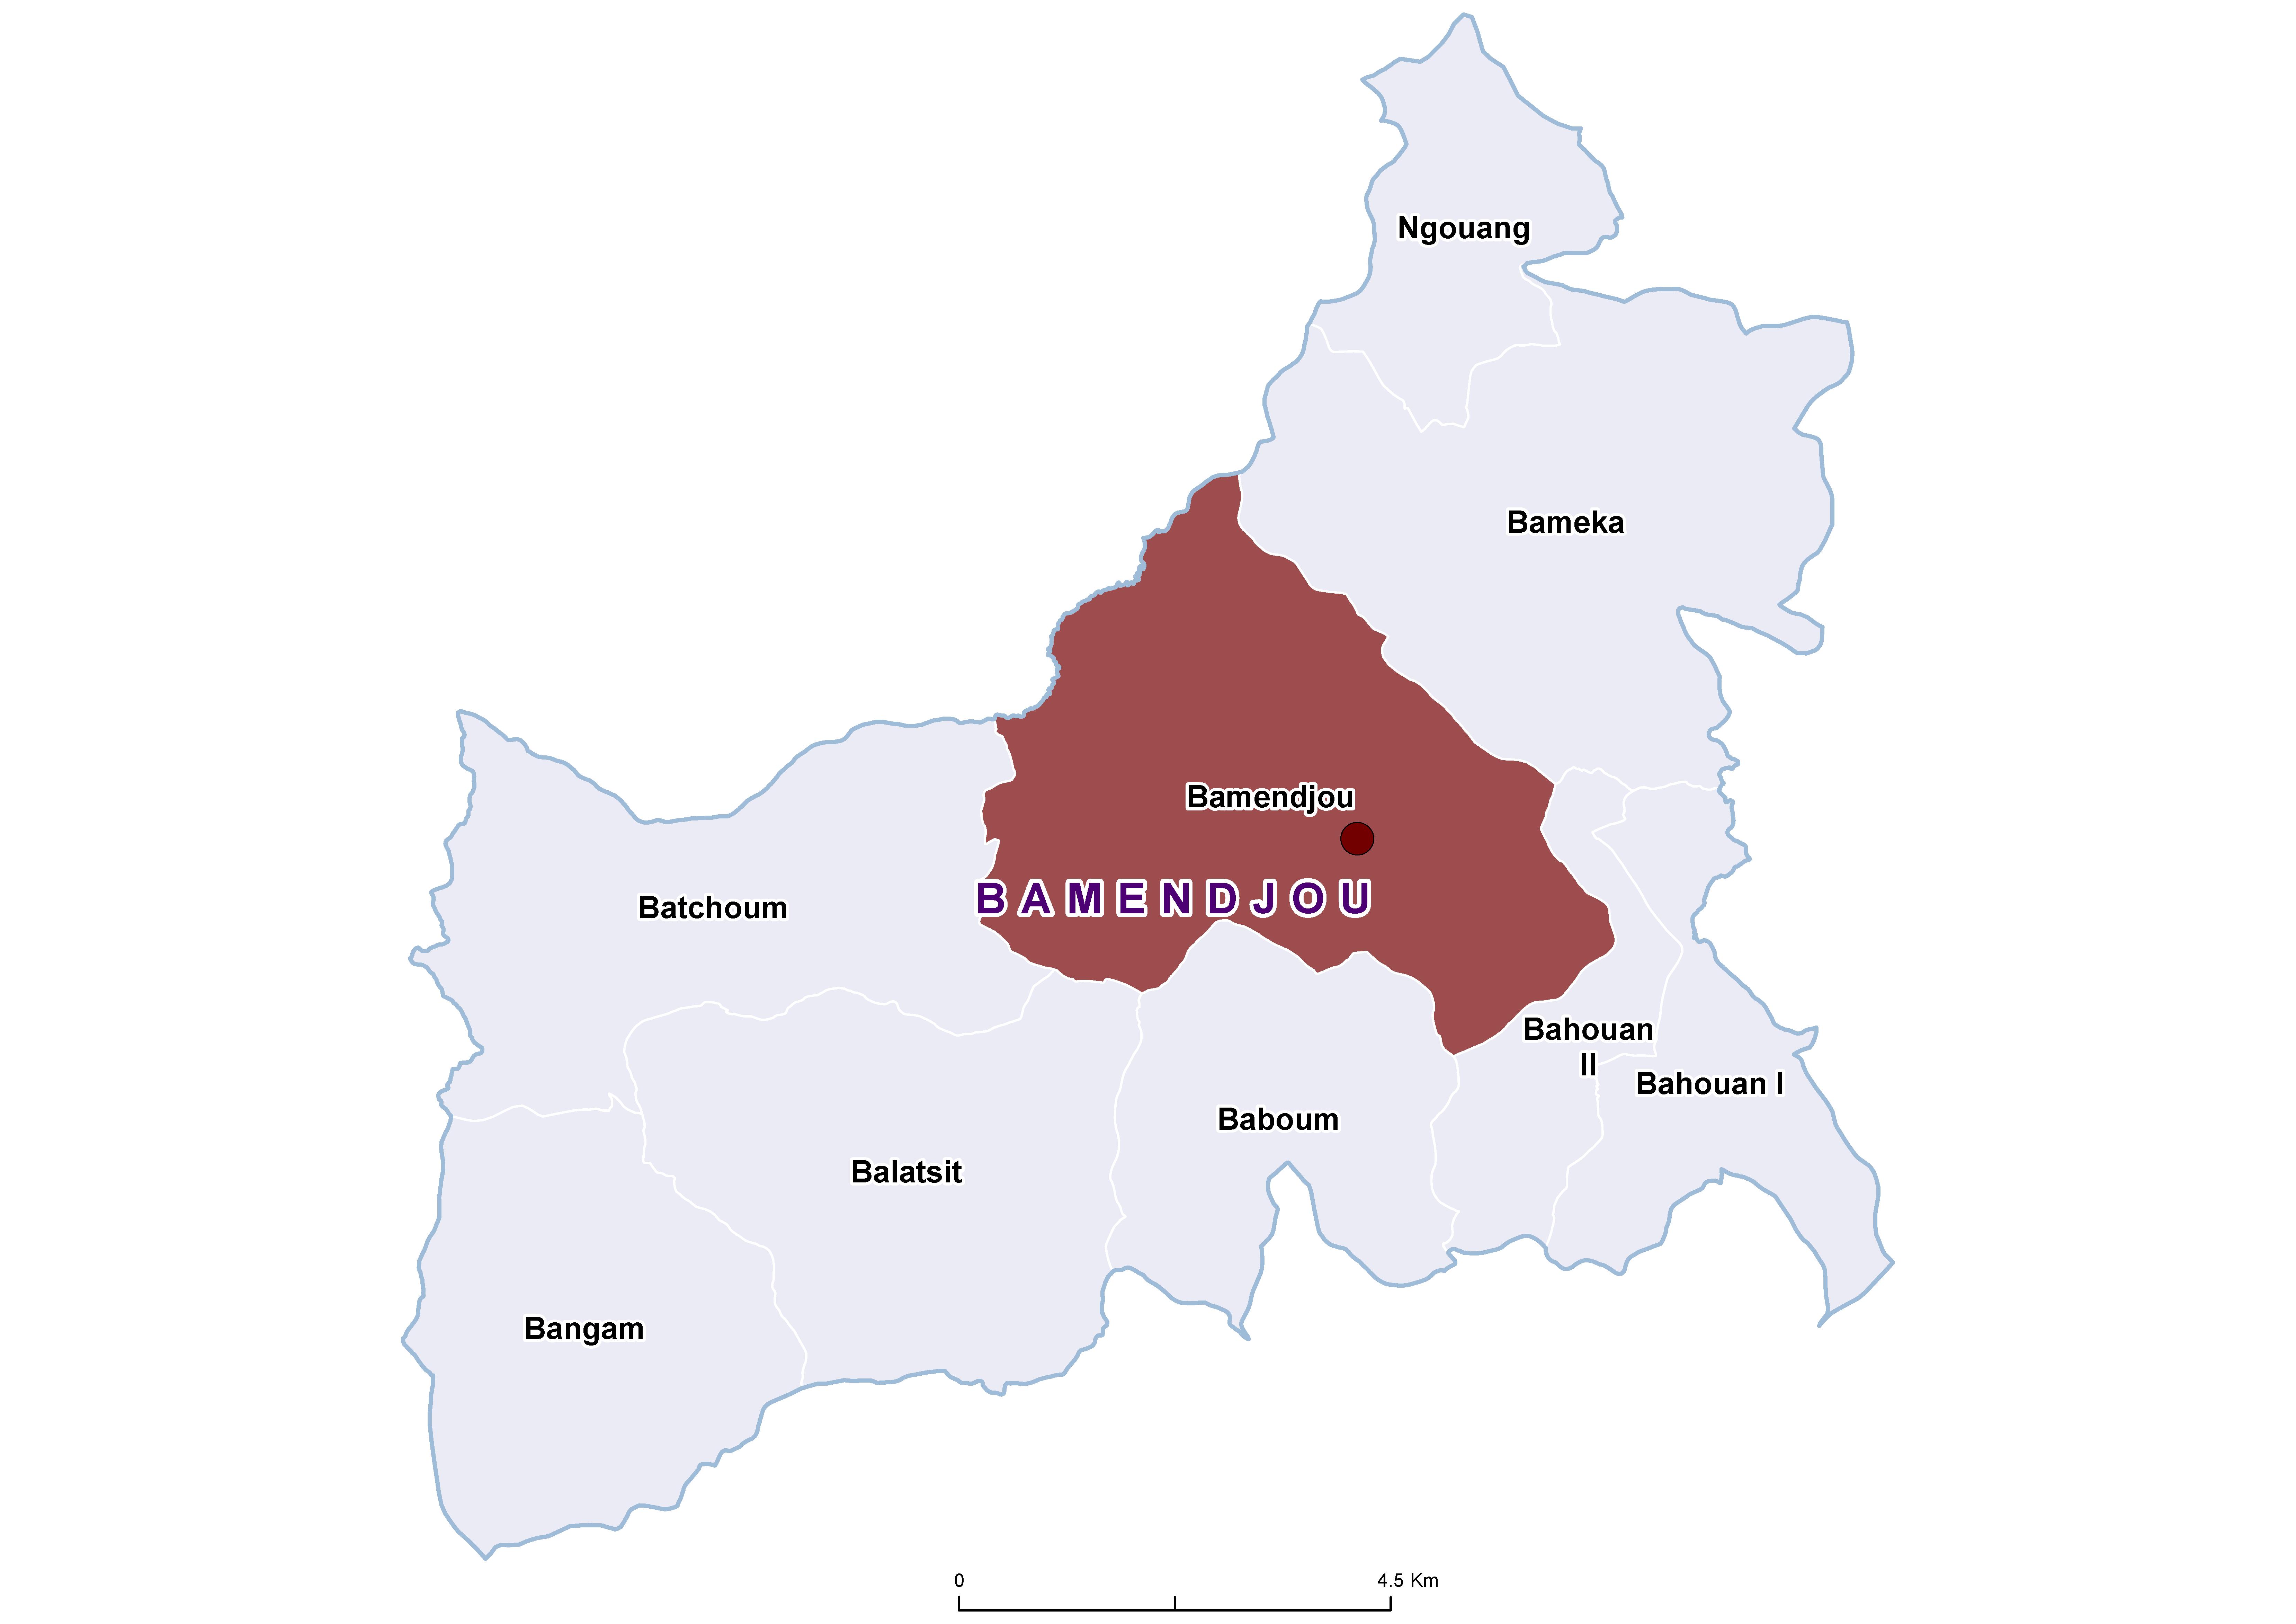 Bamendjou STH 19850001